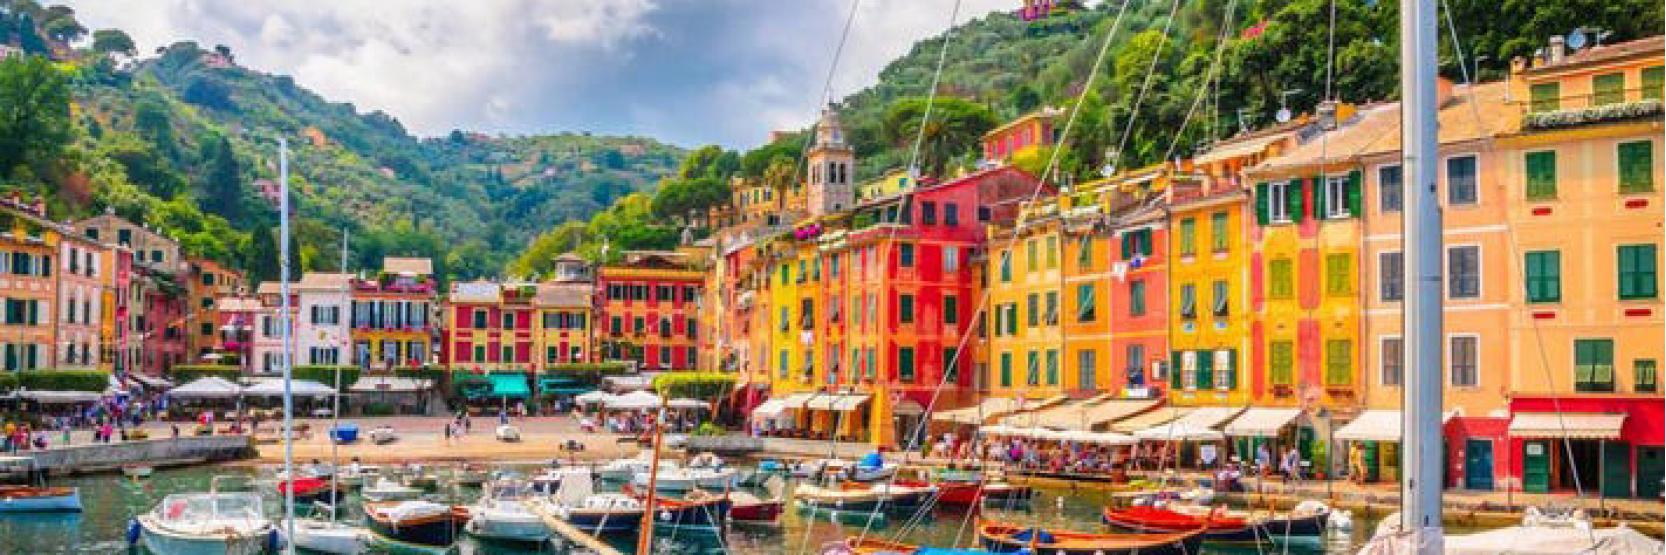 الوجهات السياحية في ايطاليا